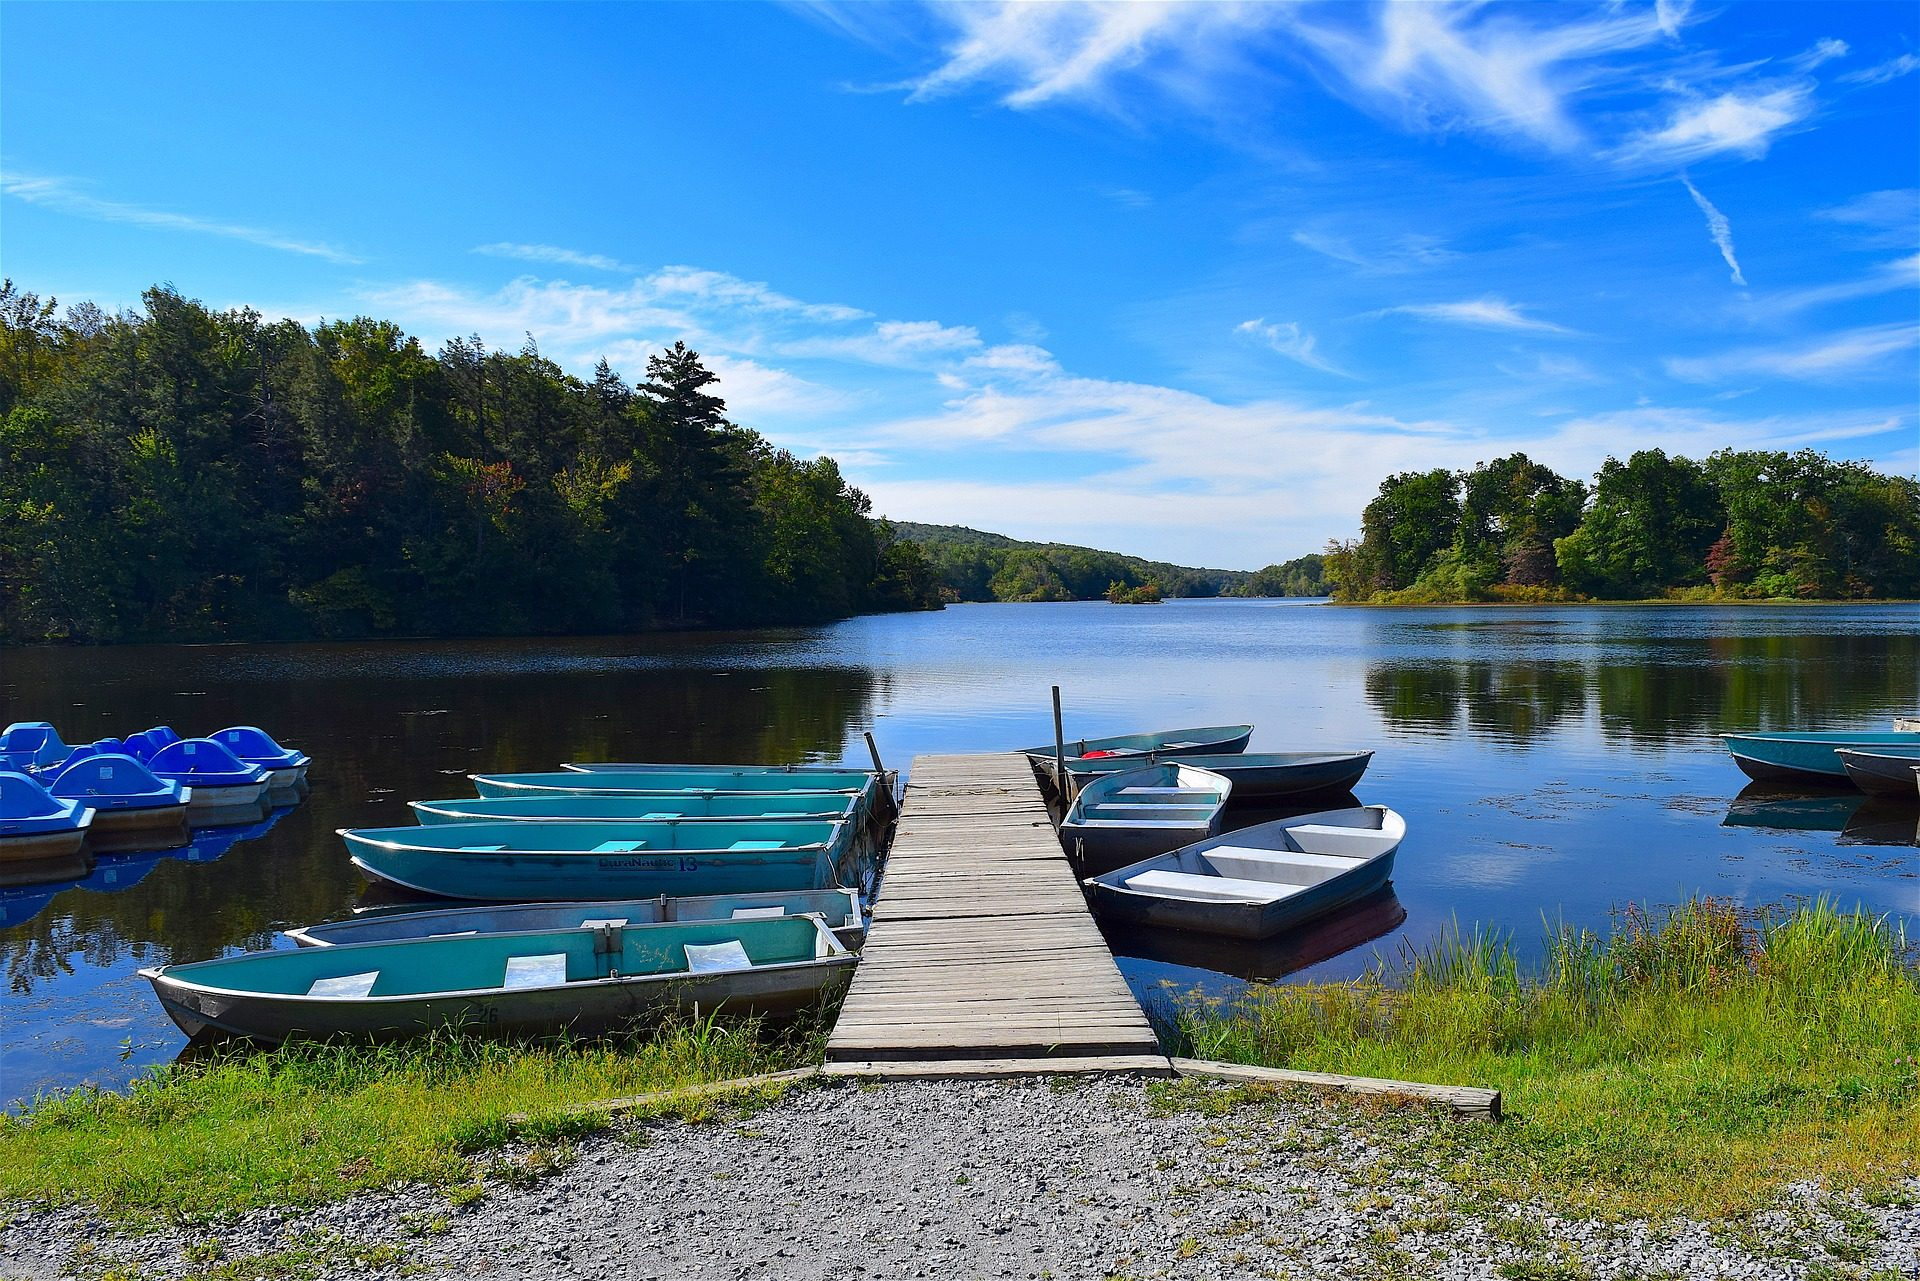 Embarcadero, bateaux, Lake, arbres, réflexions - Fonds d'écran HD - Professor-falken.com